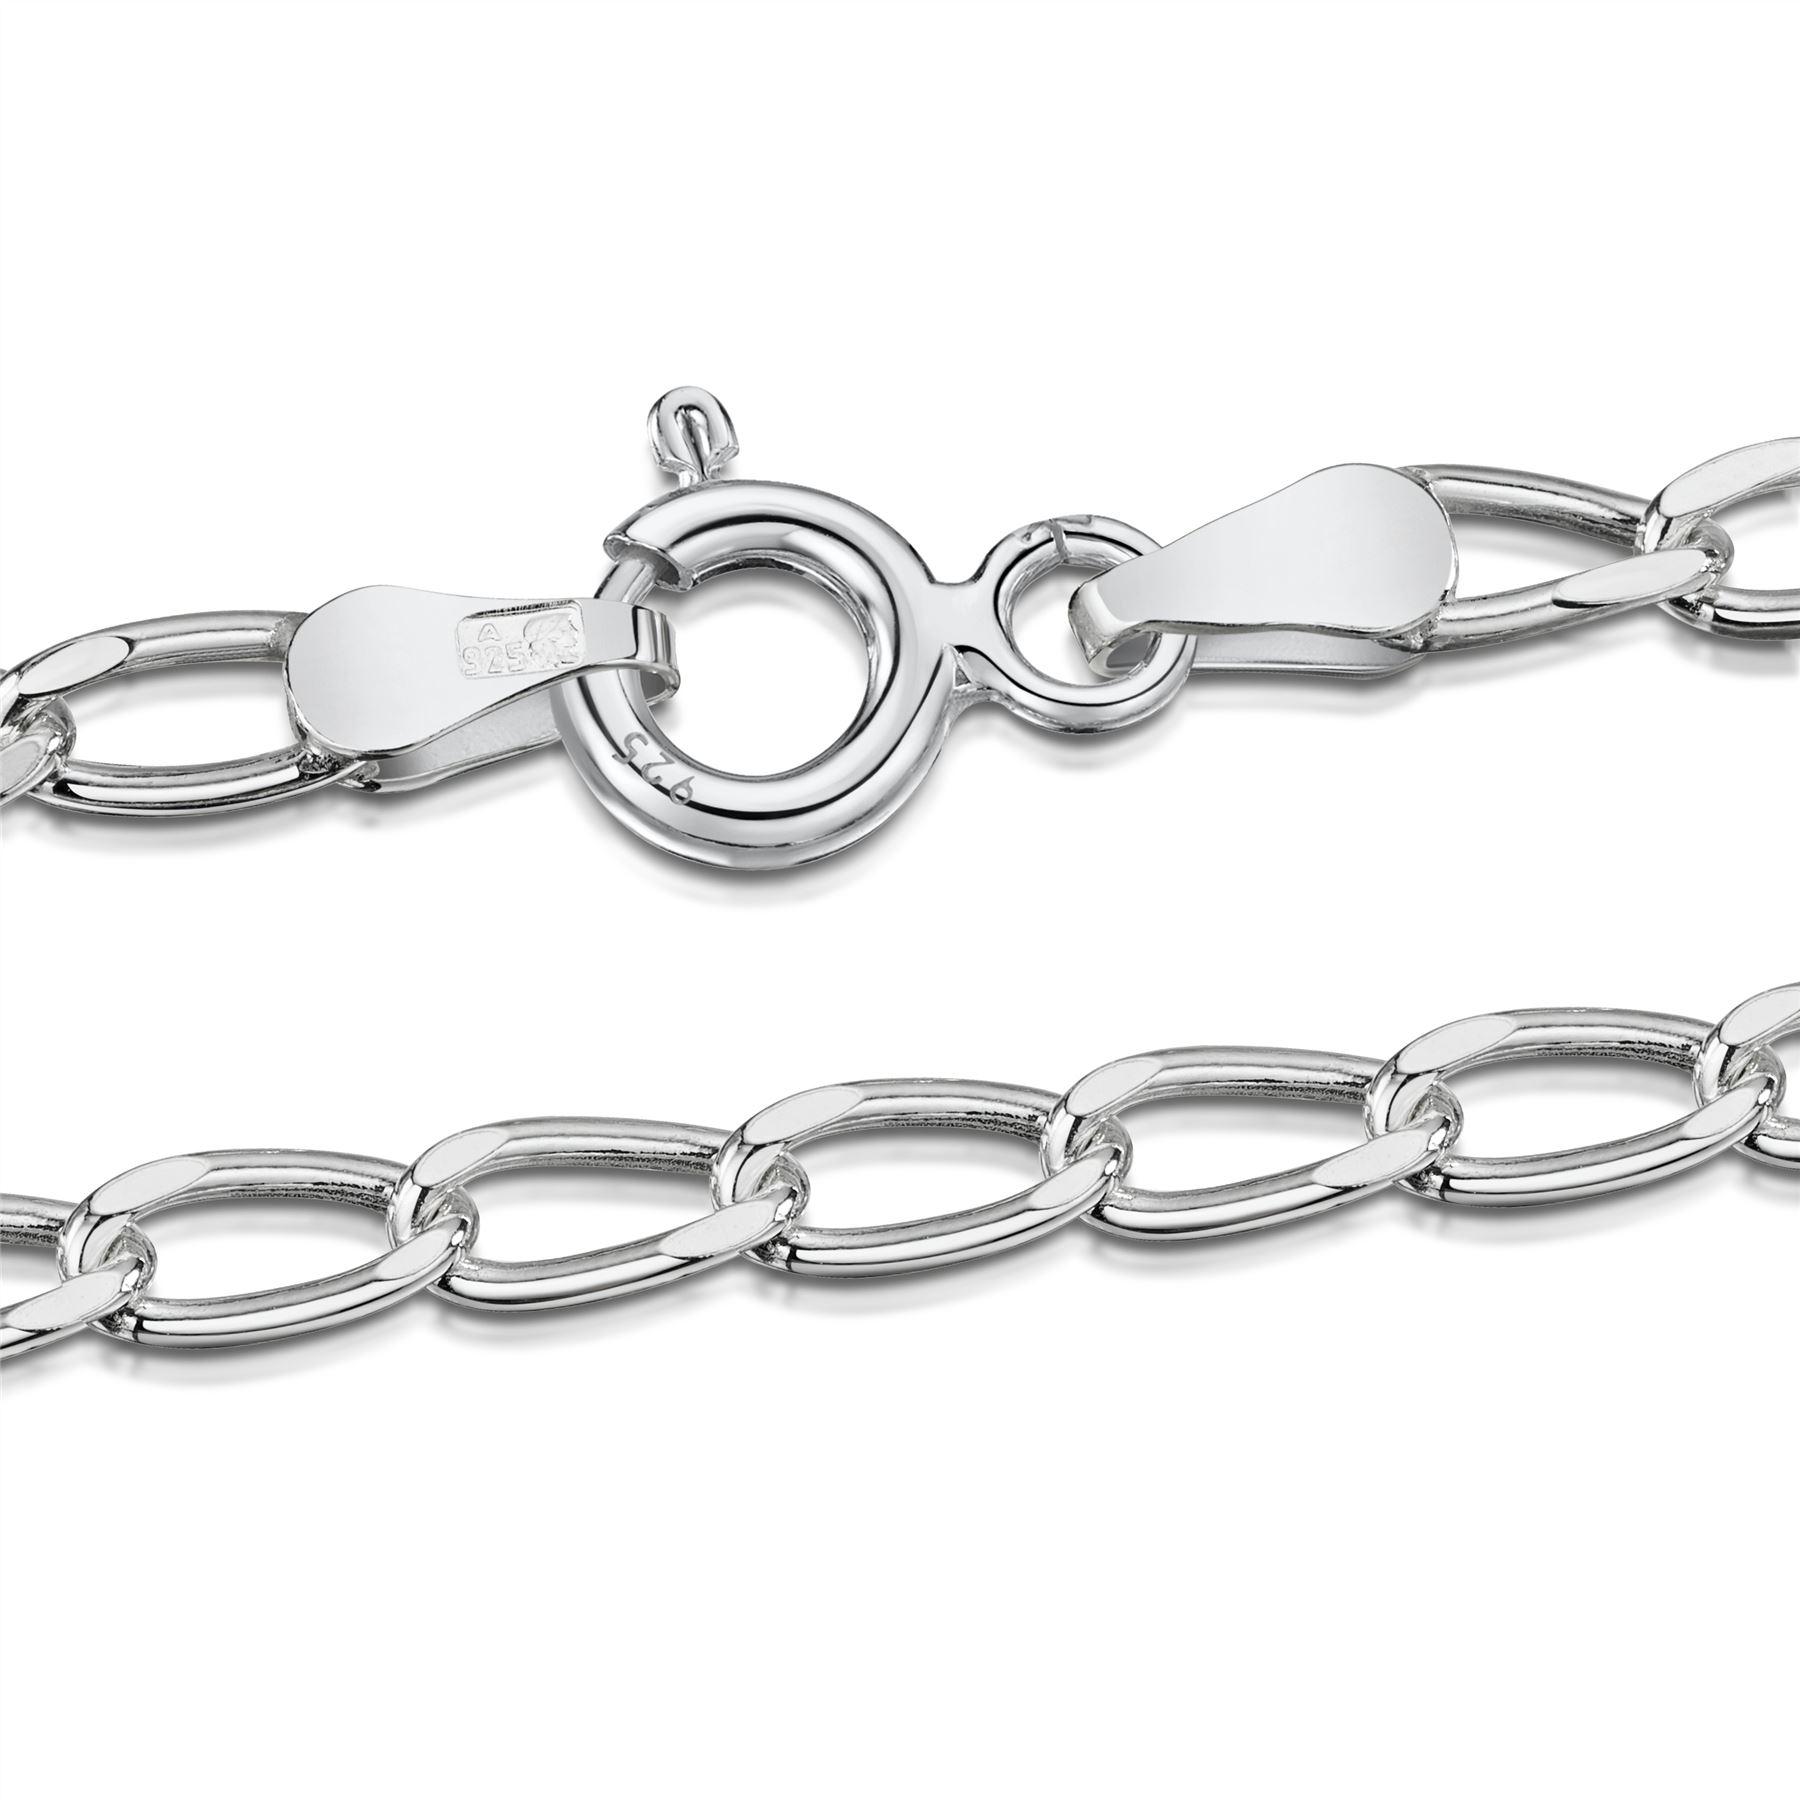 Amberta-Bijoux-Bracelet-en-Vrai-Argent-Sterling-925-Chaine-pour-Femme-a-la-Mode thumbnail 79